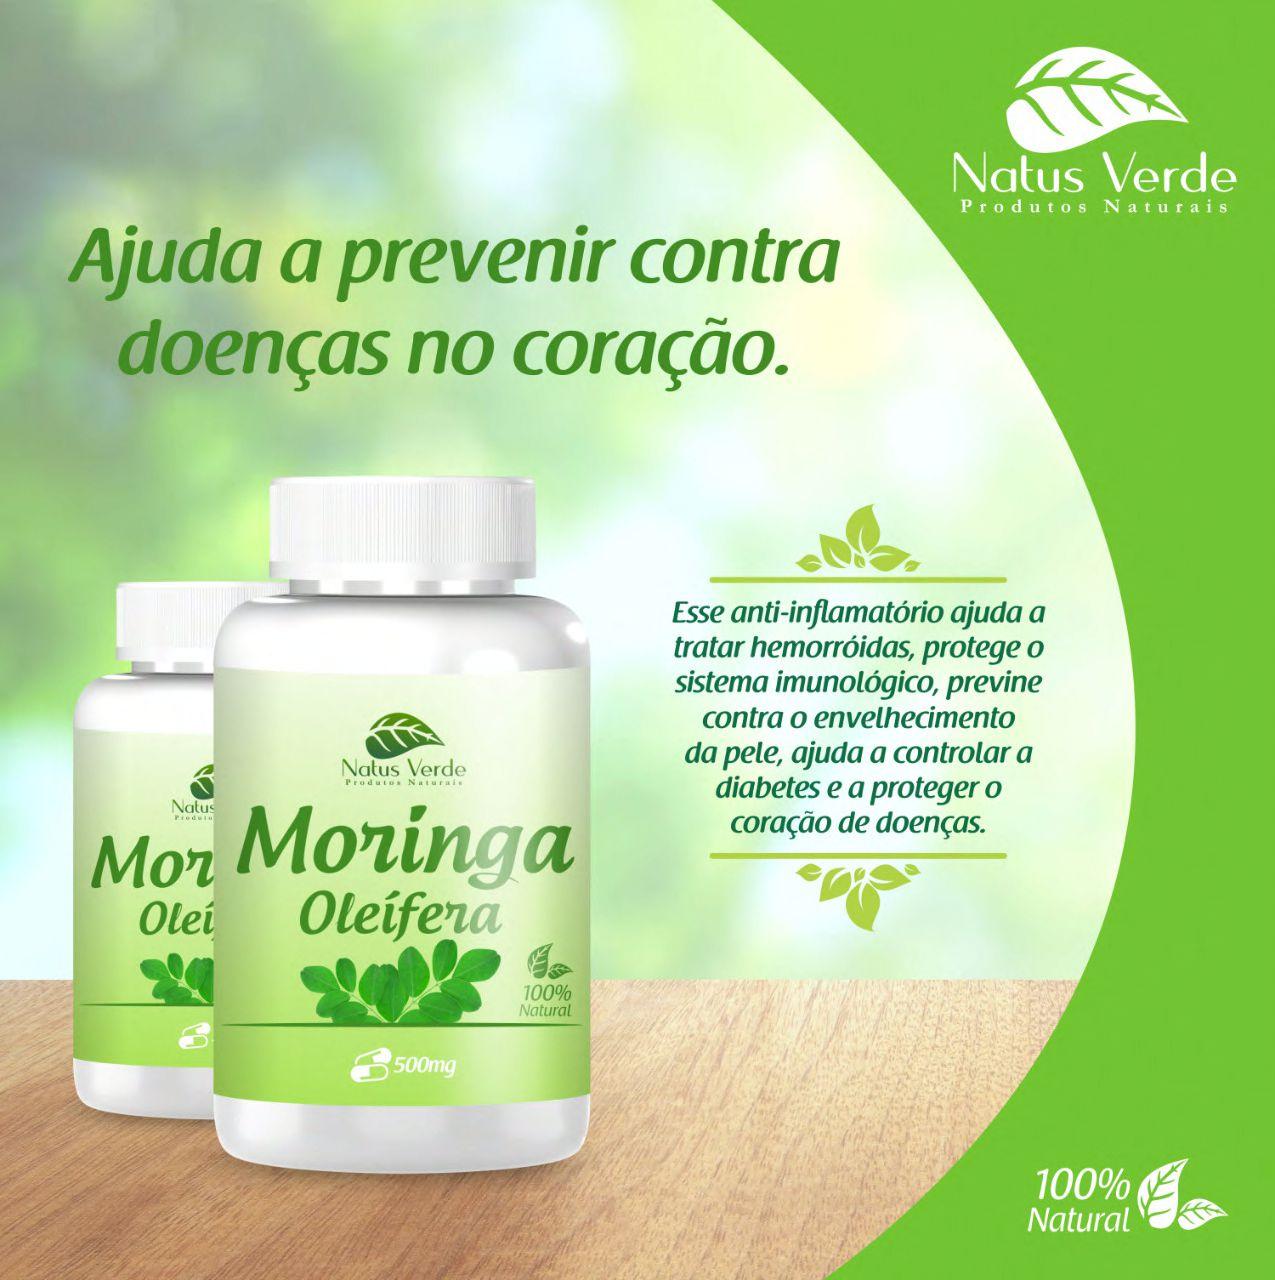 Composto Moringa Oleifera 60 Caps Natus Verde  - Fribasex - Fabricasex.com